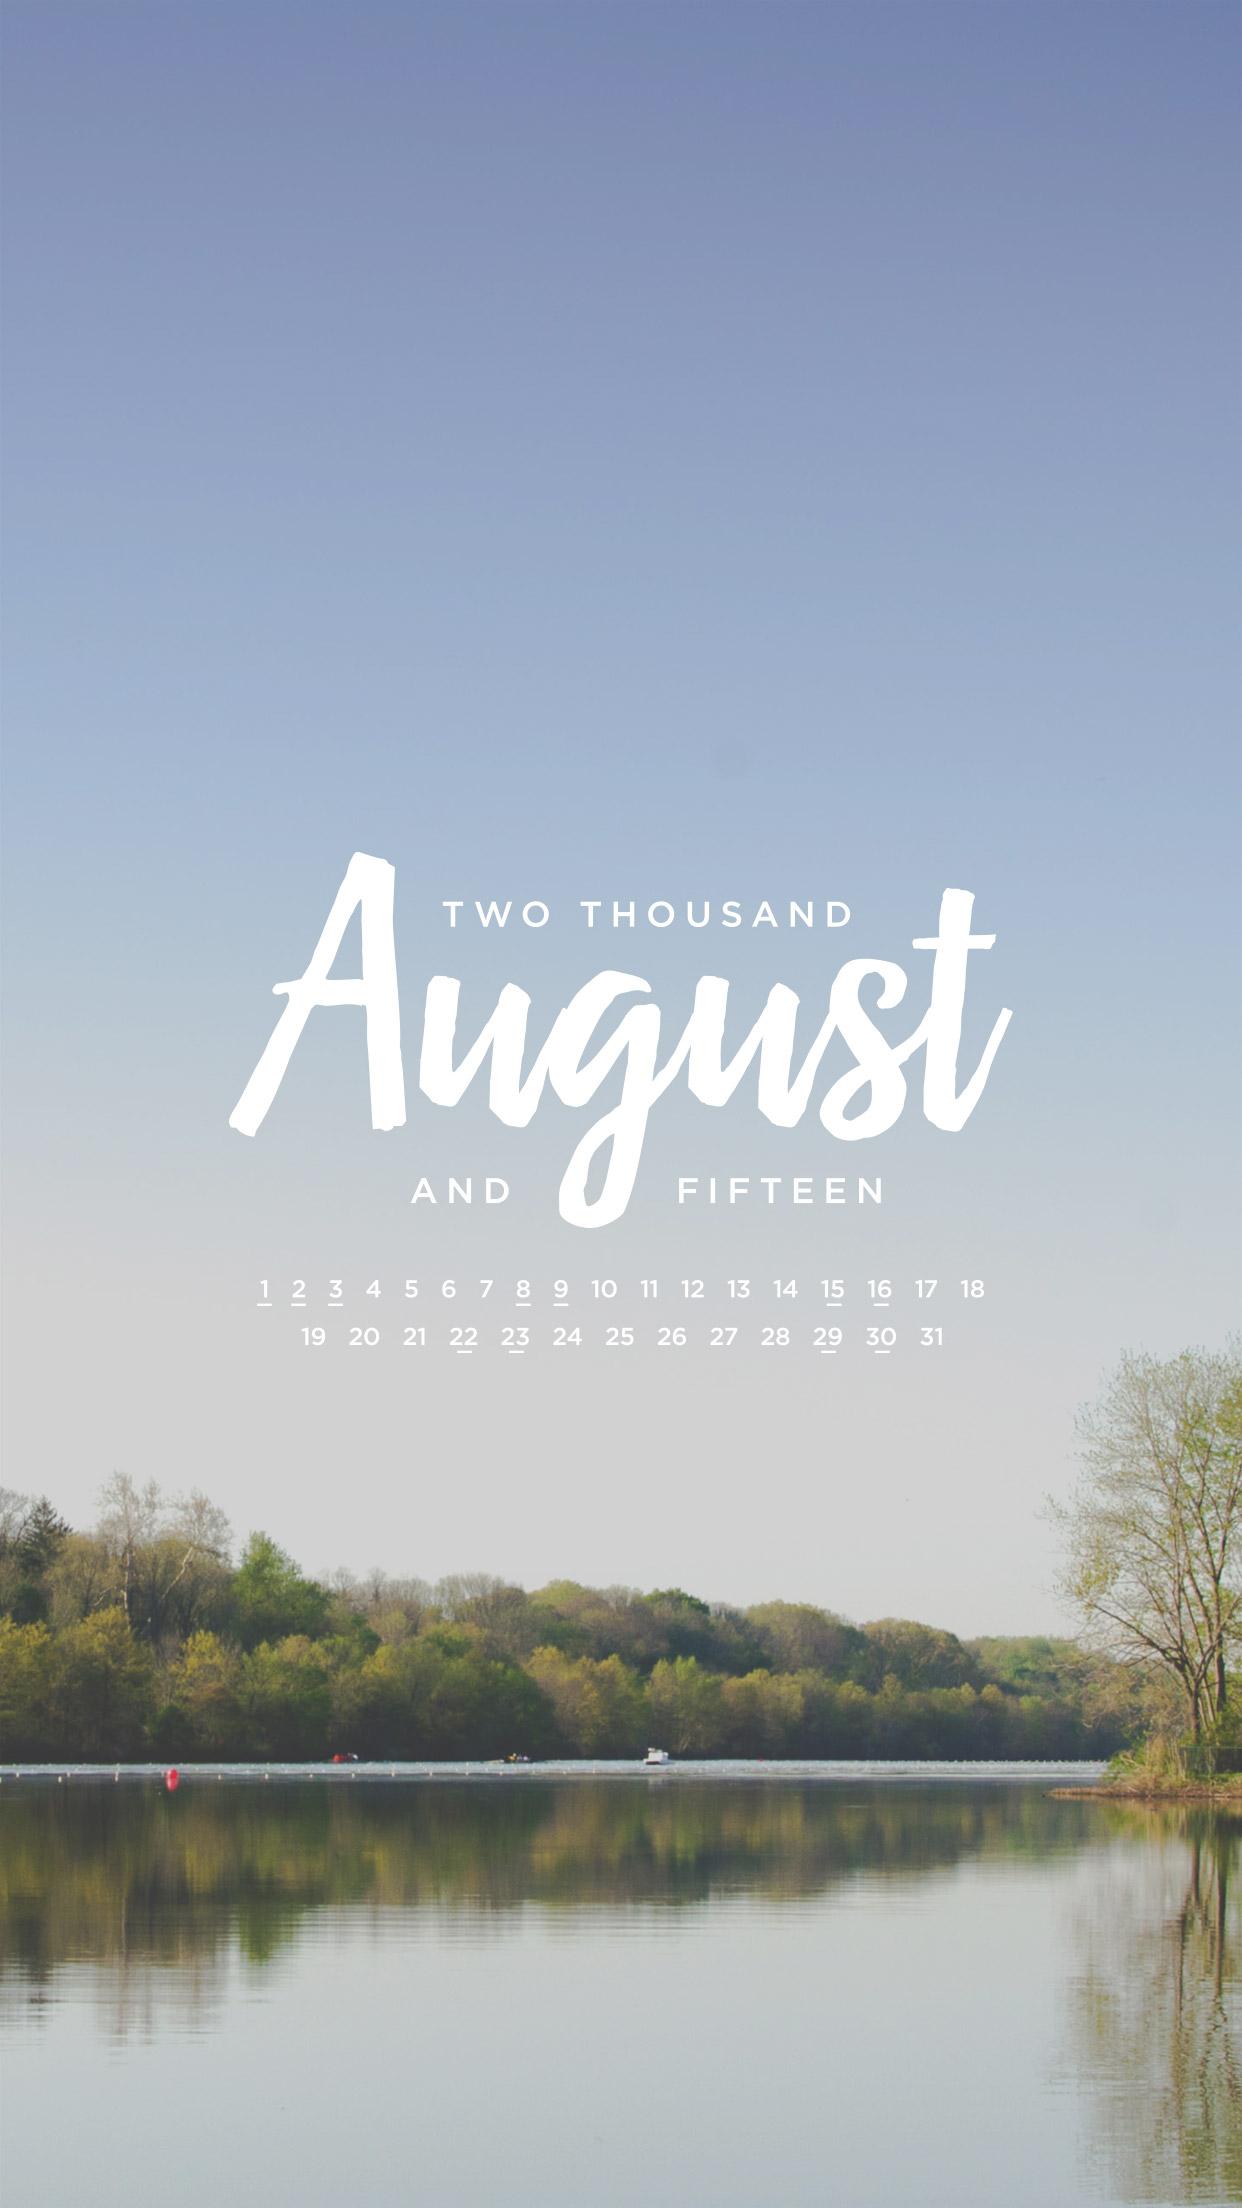 August 2015 Desktop Calendar Wallpaper Paper Leaf 1242x2208